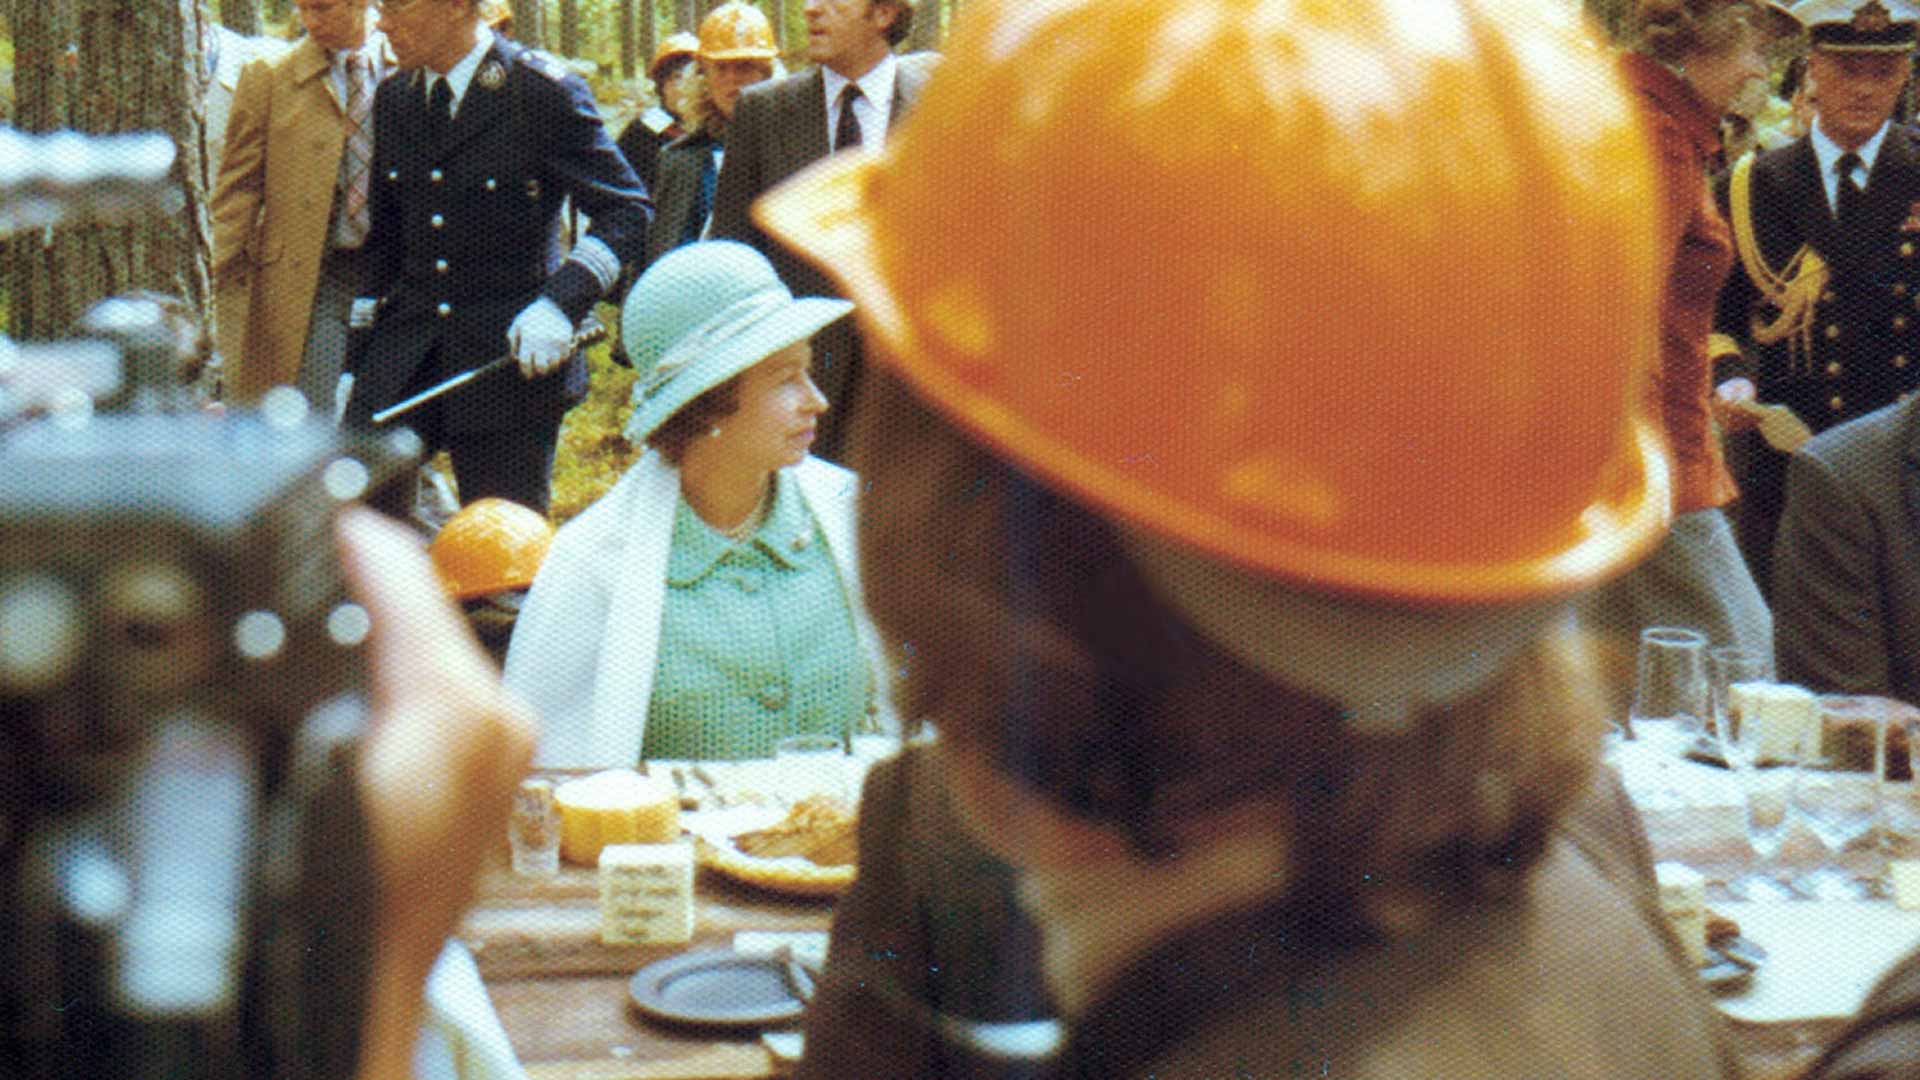 Britannian kuningatar Elisabet oli juuri täyttänyt 50 vuotta, kun hän teki valtiovierailun Suomeen. Mukana oli prinssipuoliso Philip. Jyväskylän kaupunginisien ideana oli viedä hento, arvokas nainen pöllimetsään lounaalle. Elisabet ei siitä pitänyt ja näytti sen.